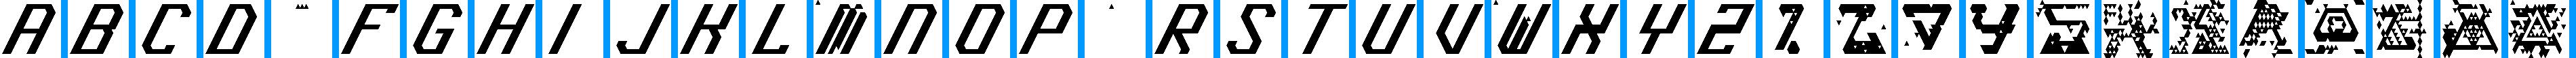 Particip-a-type v.234